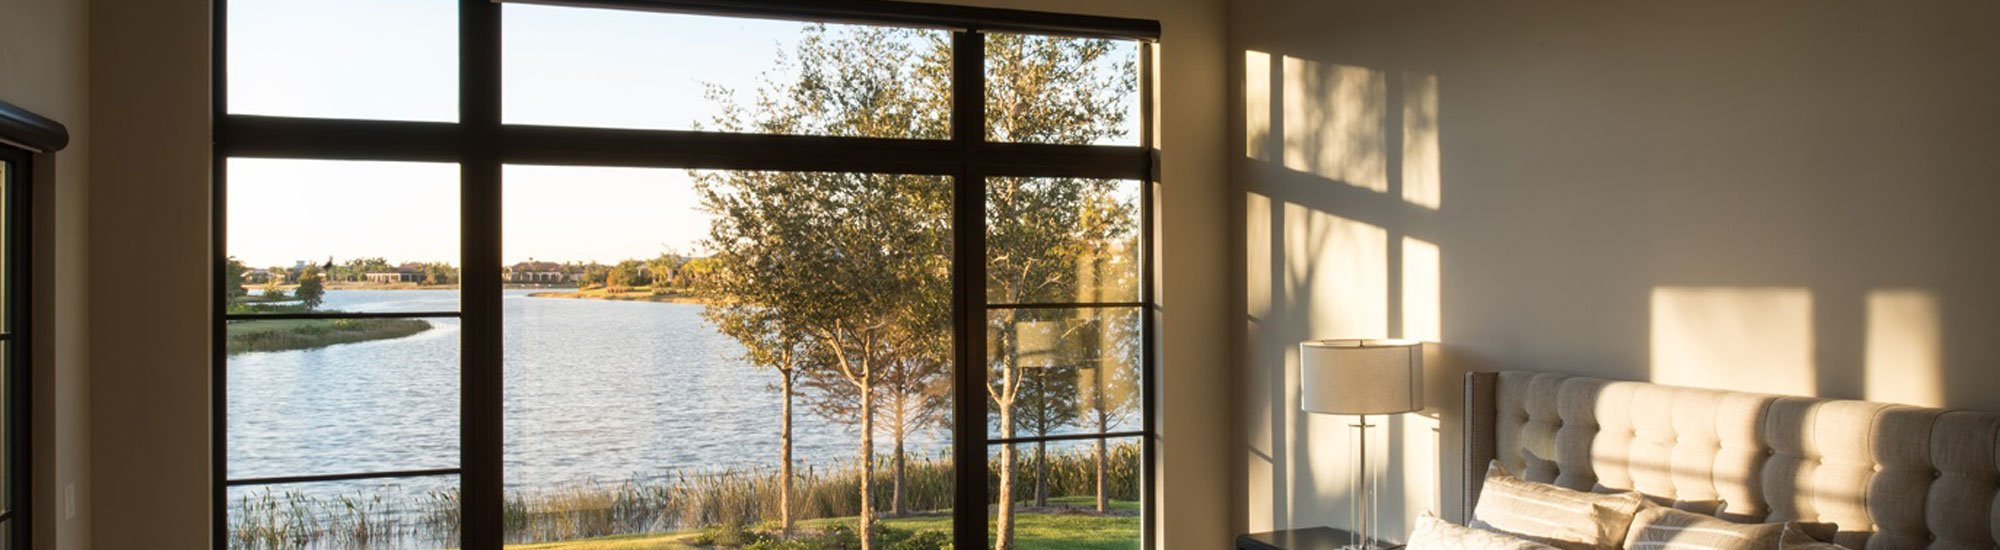 Aluminum Windows by Origin